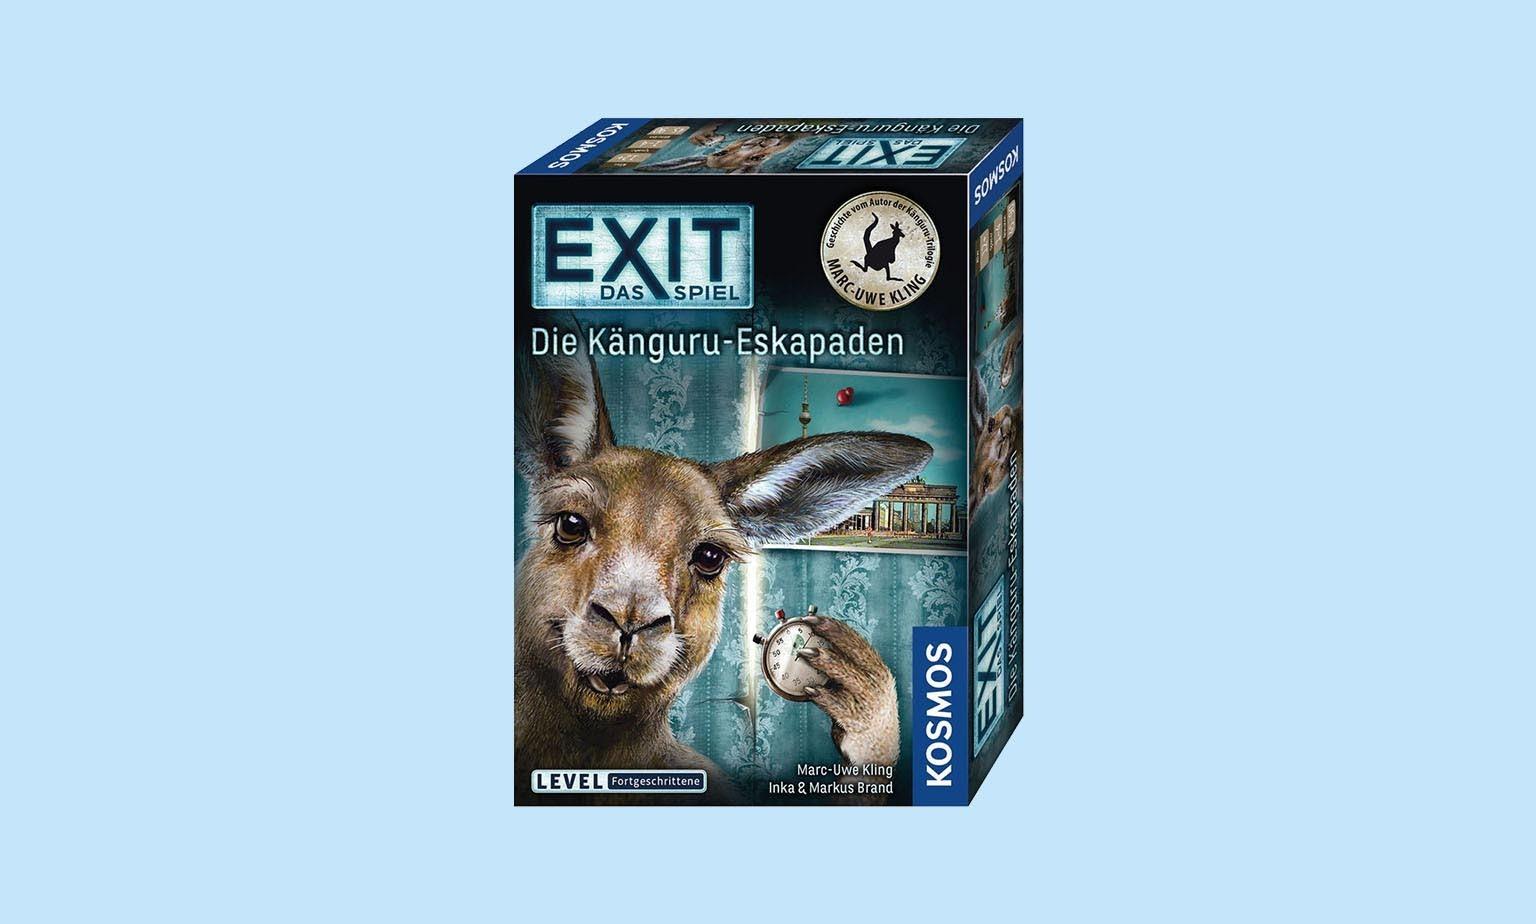 Die Känguru-Eskapaden - KOSMOS Exit Games